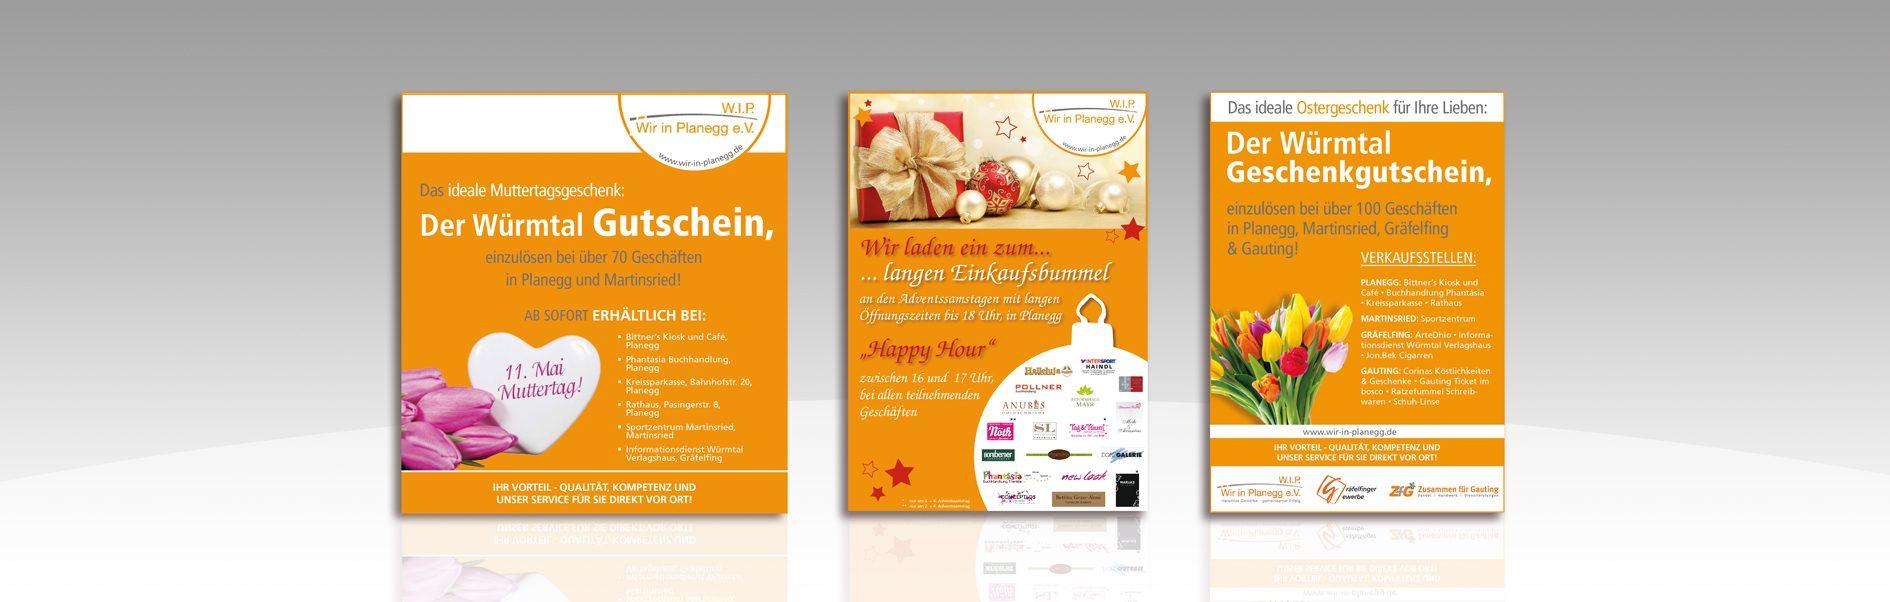 Hier sind verschiedene Anzeigen von Wir in Planegg abgebildet.